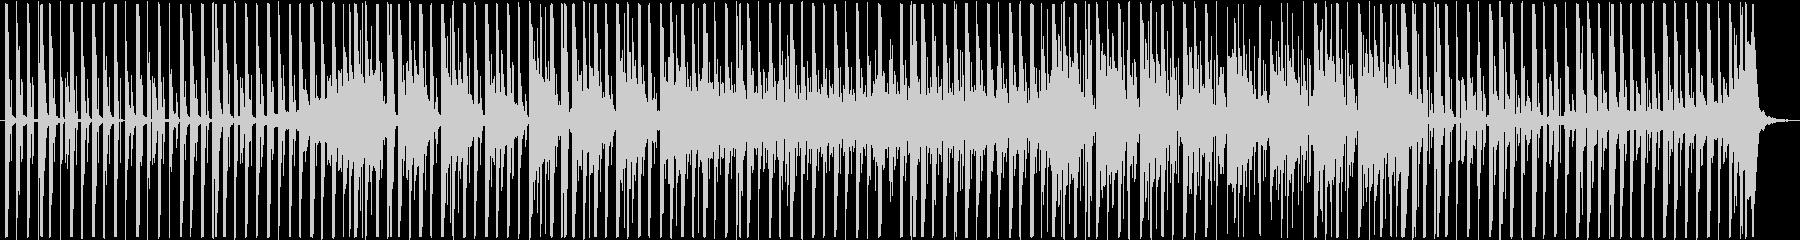 電気オーケストラハイブリッド。刺激...の未再生の波形